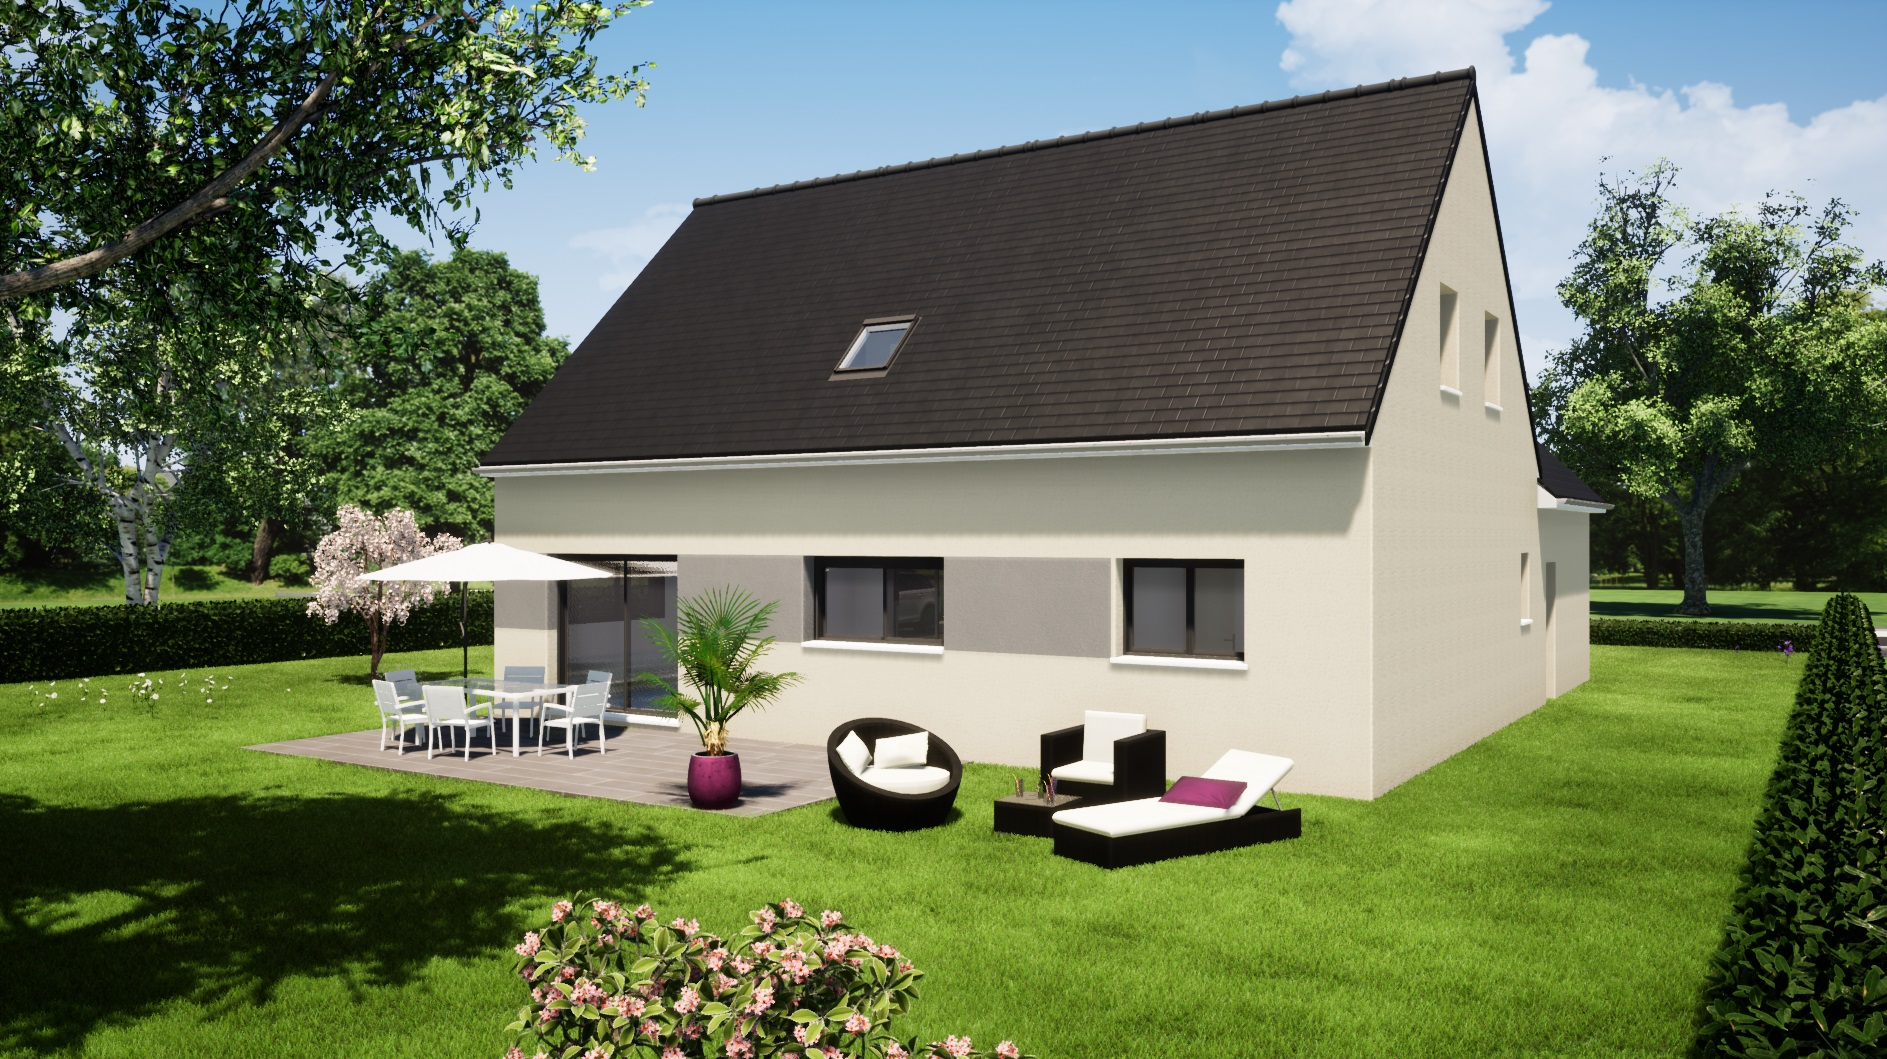 Modèle Fercé sur sarthe 72430 façade arrière maison étage 3 chambres + mezzanine constructeur maison le mans constructeur maison en sarthe maisons LG